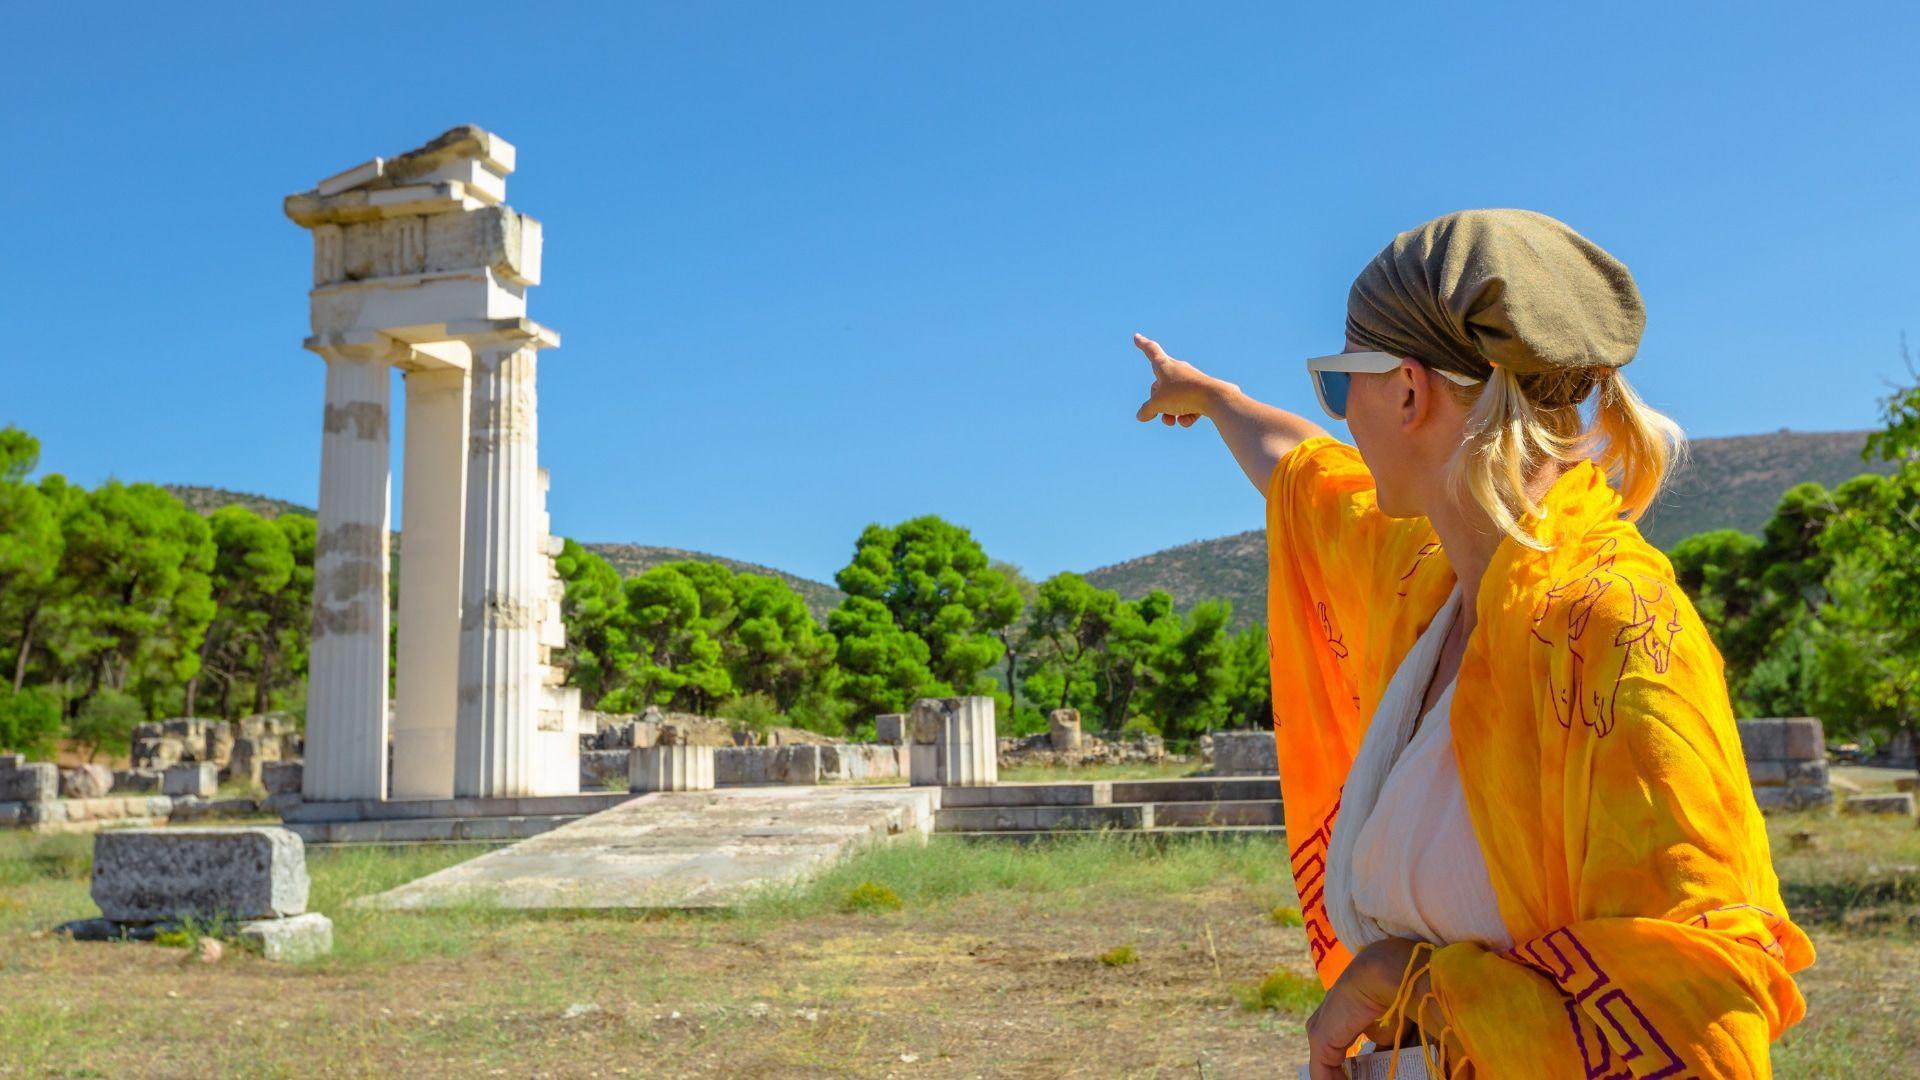 Istorinis Graikijos palikimas, Asklepieion šventykla